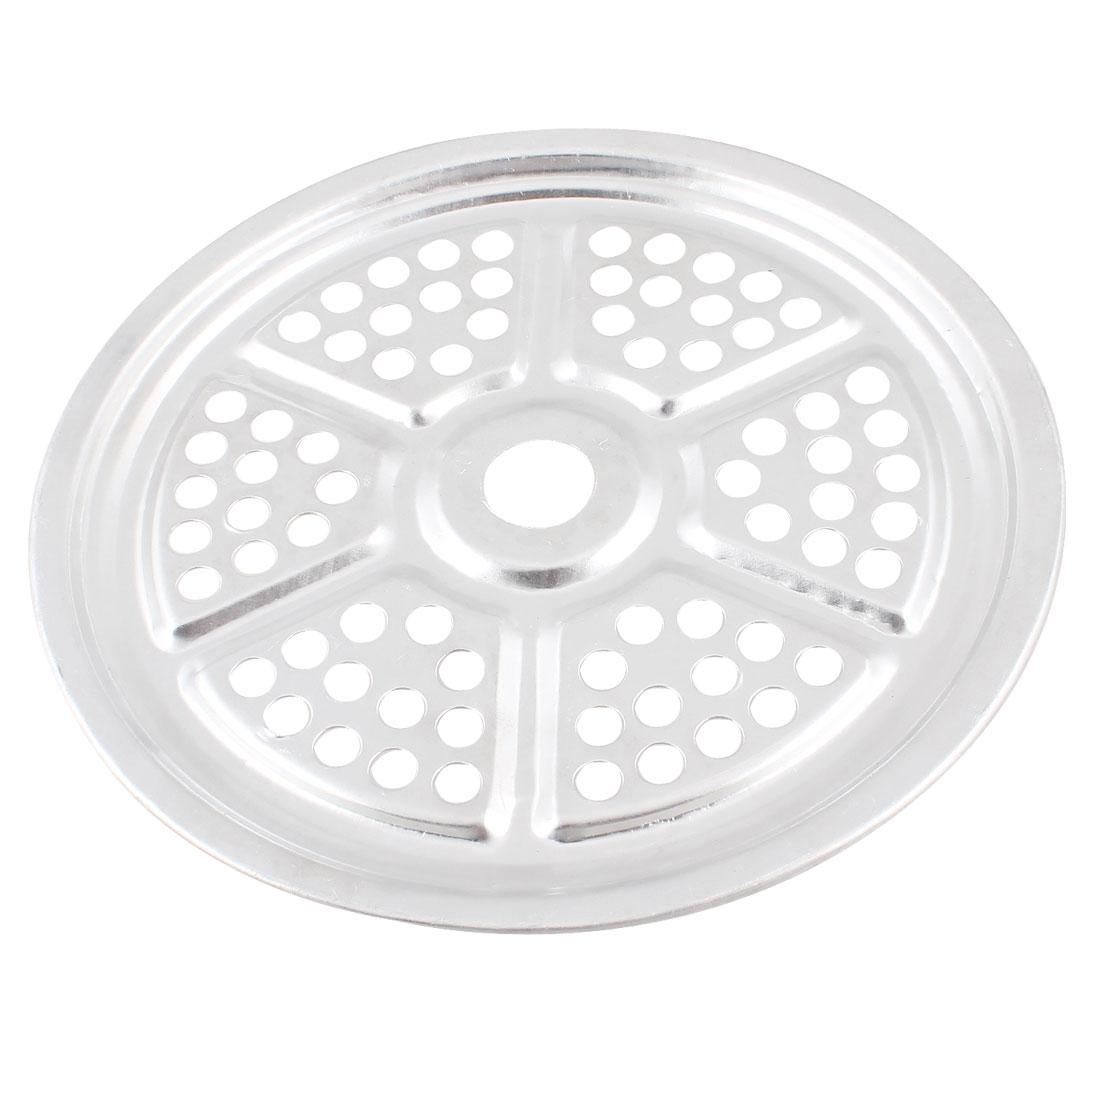 """Kitchenware 7.5"""" Diameter Silver Tone Aluminum Round Steamer Rack"""